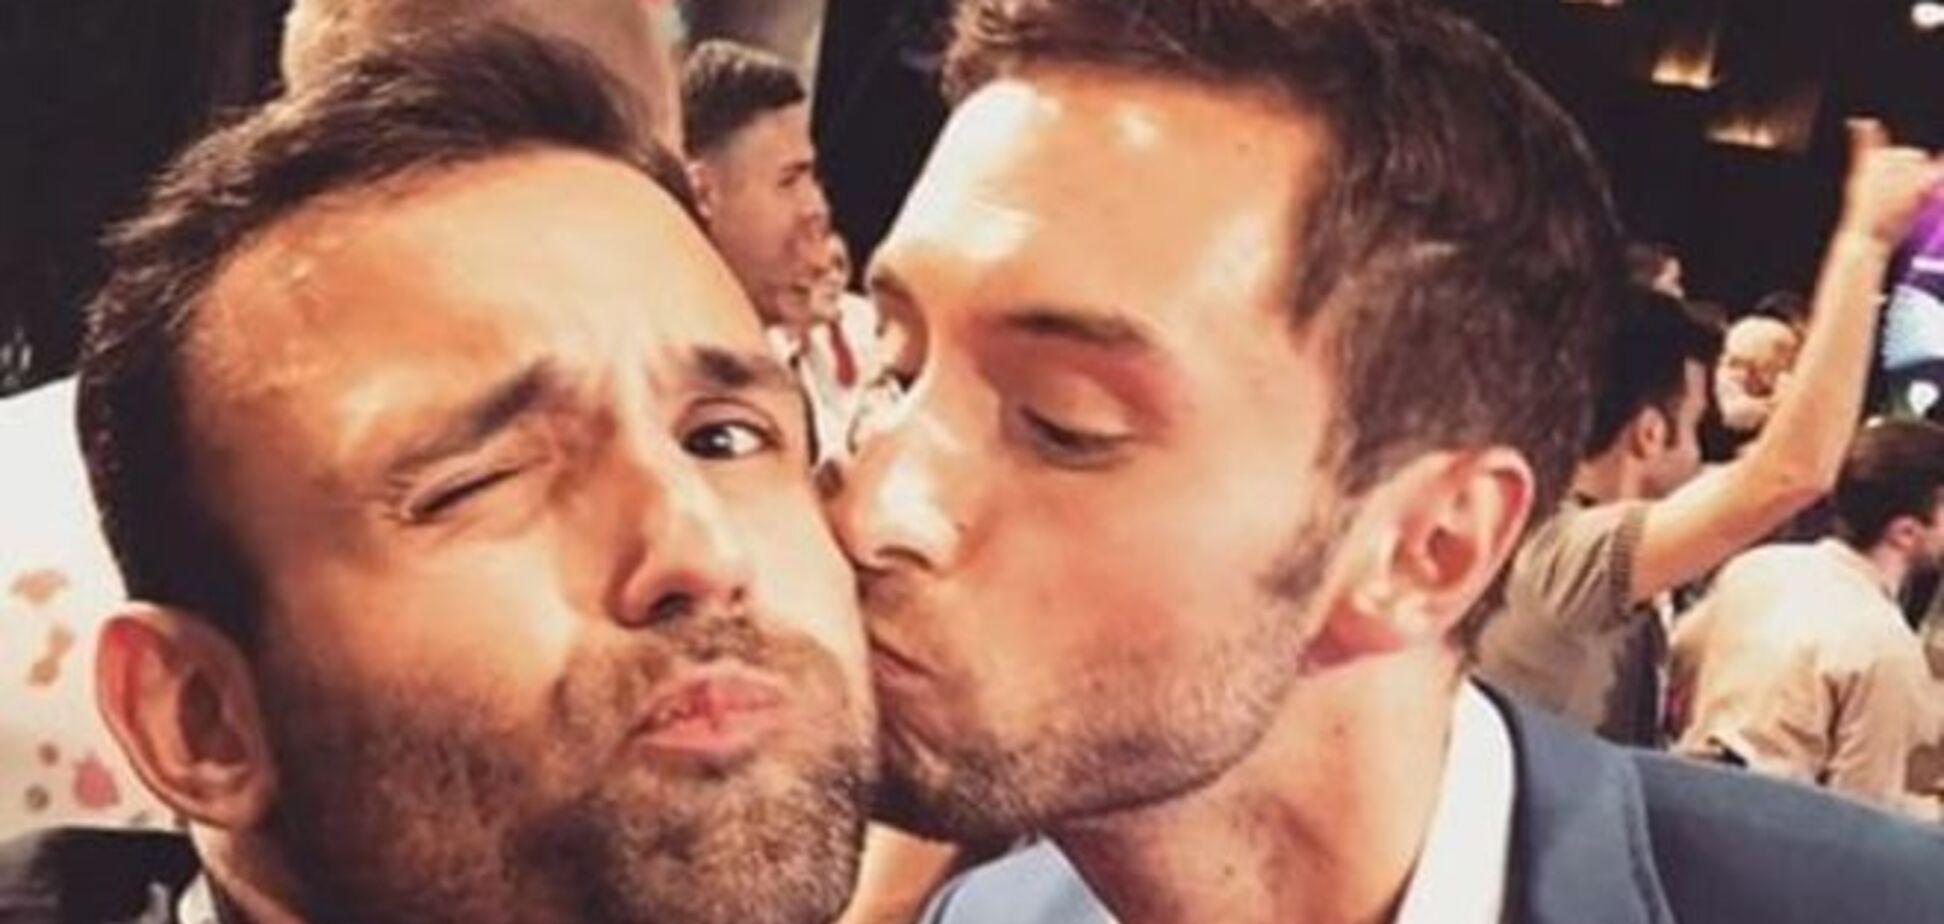 Скривджені РосЗМІ розкопали гей-фото переможця 'Євробачення-2015'